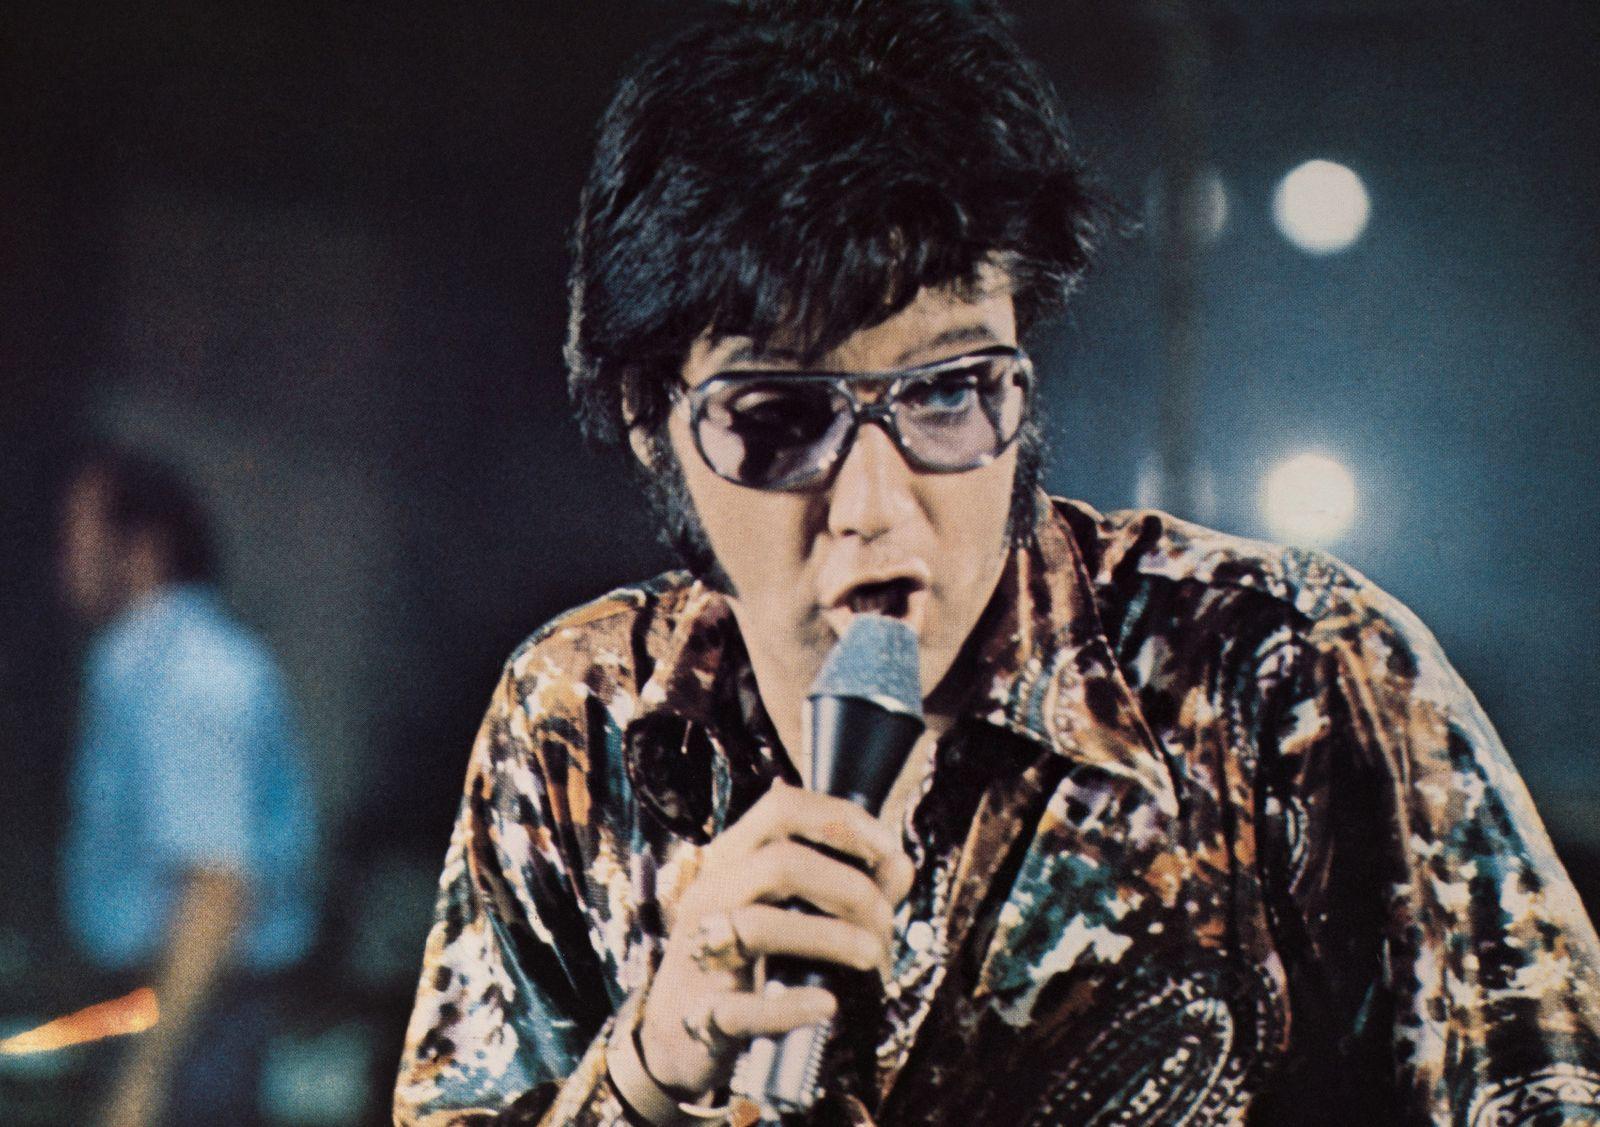 ELVIS: THAT'S THE WAY IT IS, Elvis Presley, 1970